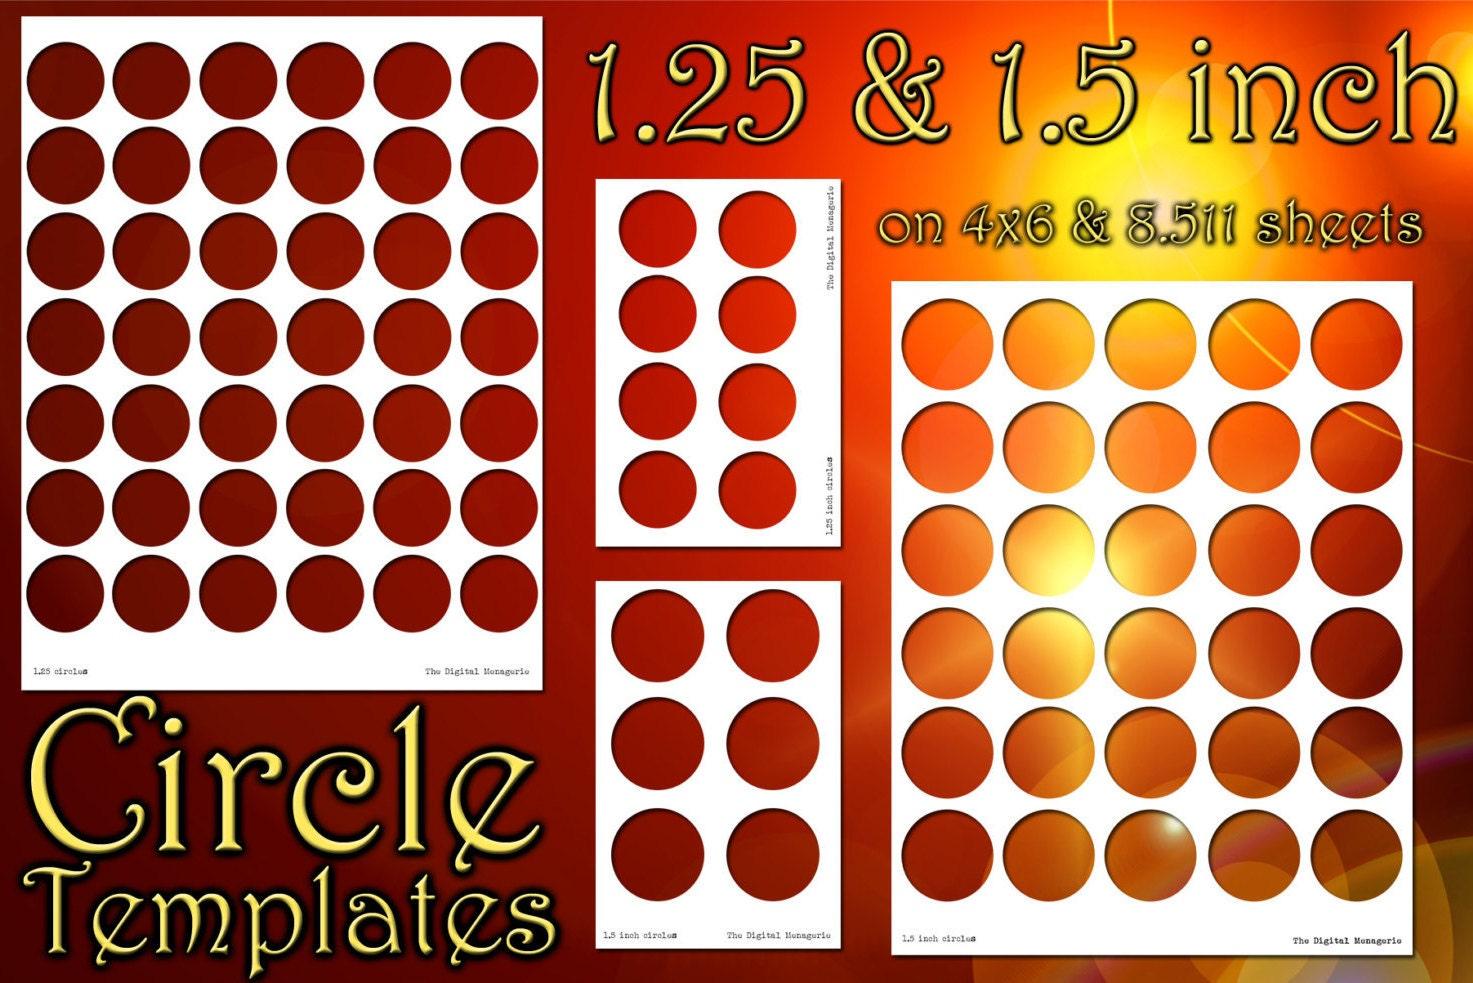 1 5 inch circle templates 4x6 sheets png